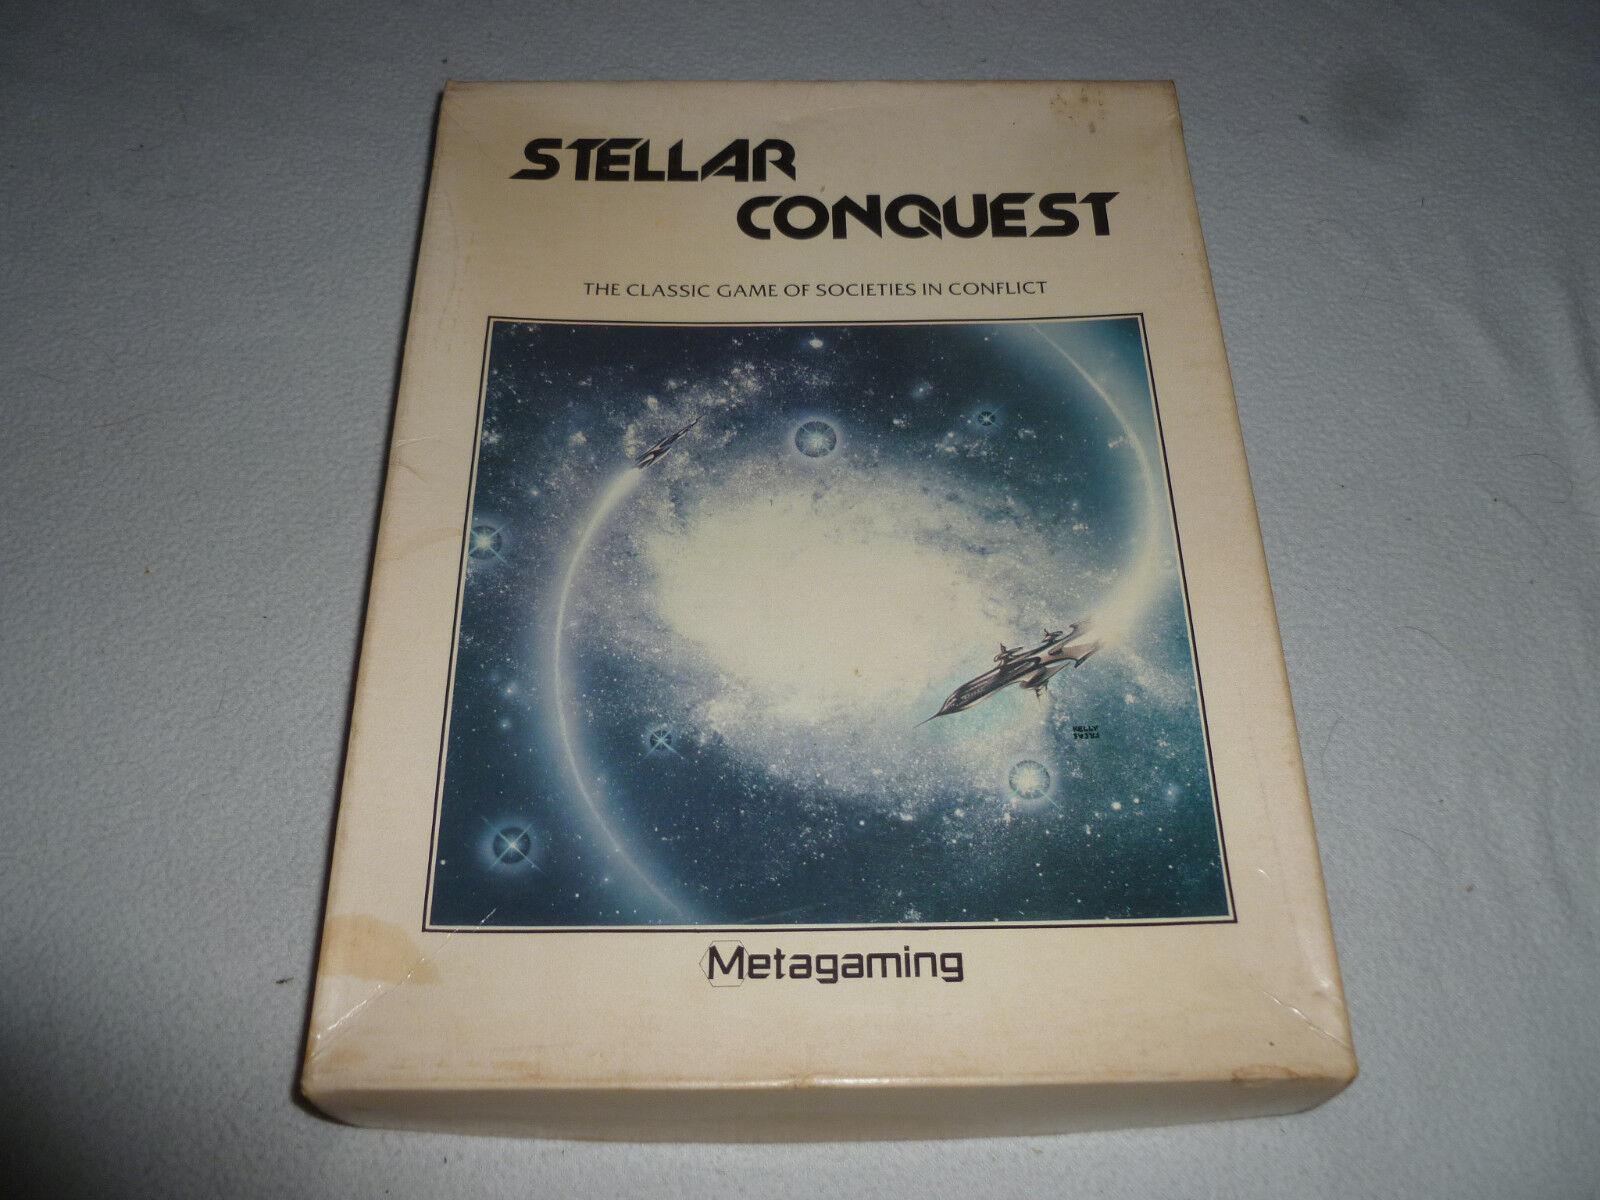 1979 conquista estelar clásico juego de sociedades en conflicto Metagaming ENLOMADOR